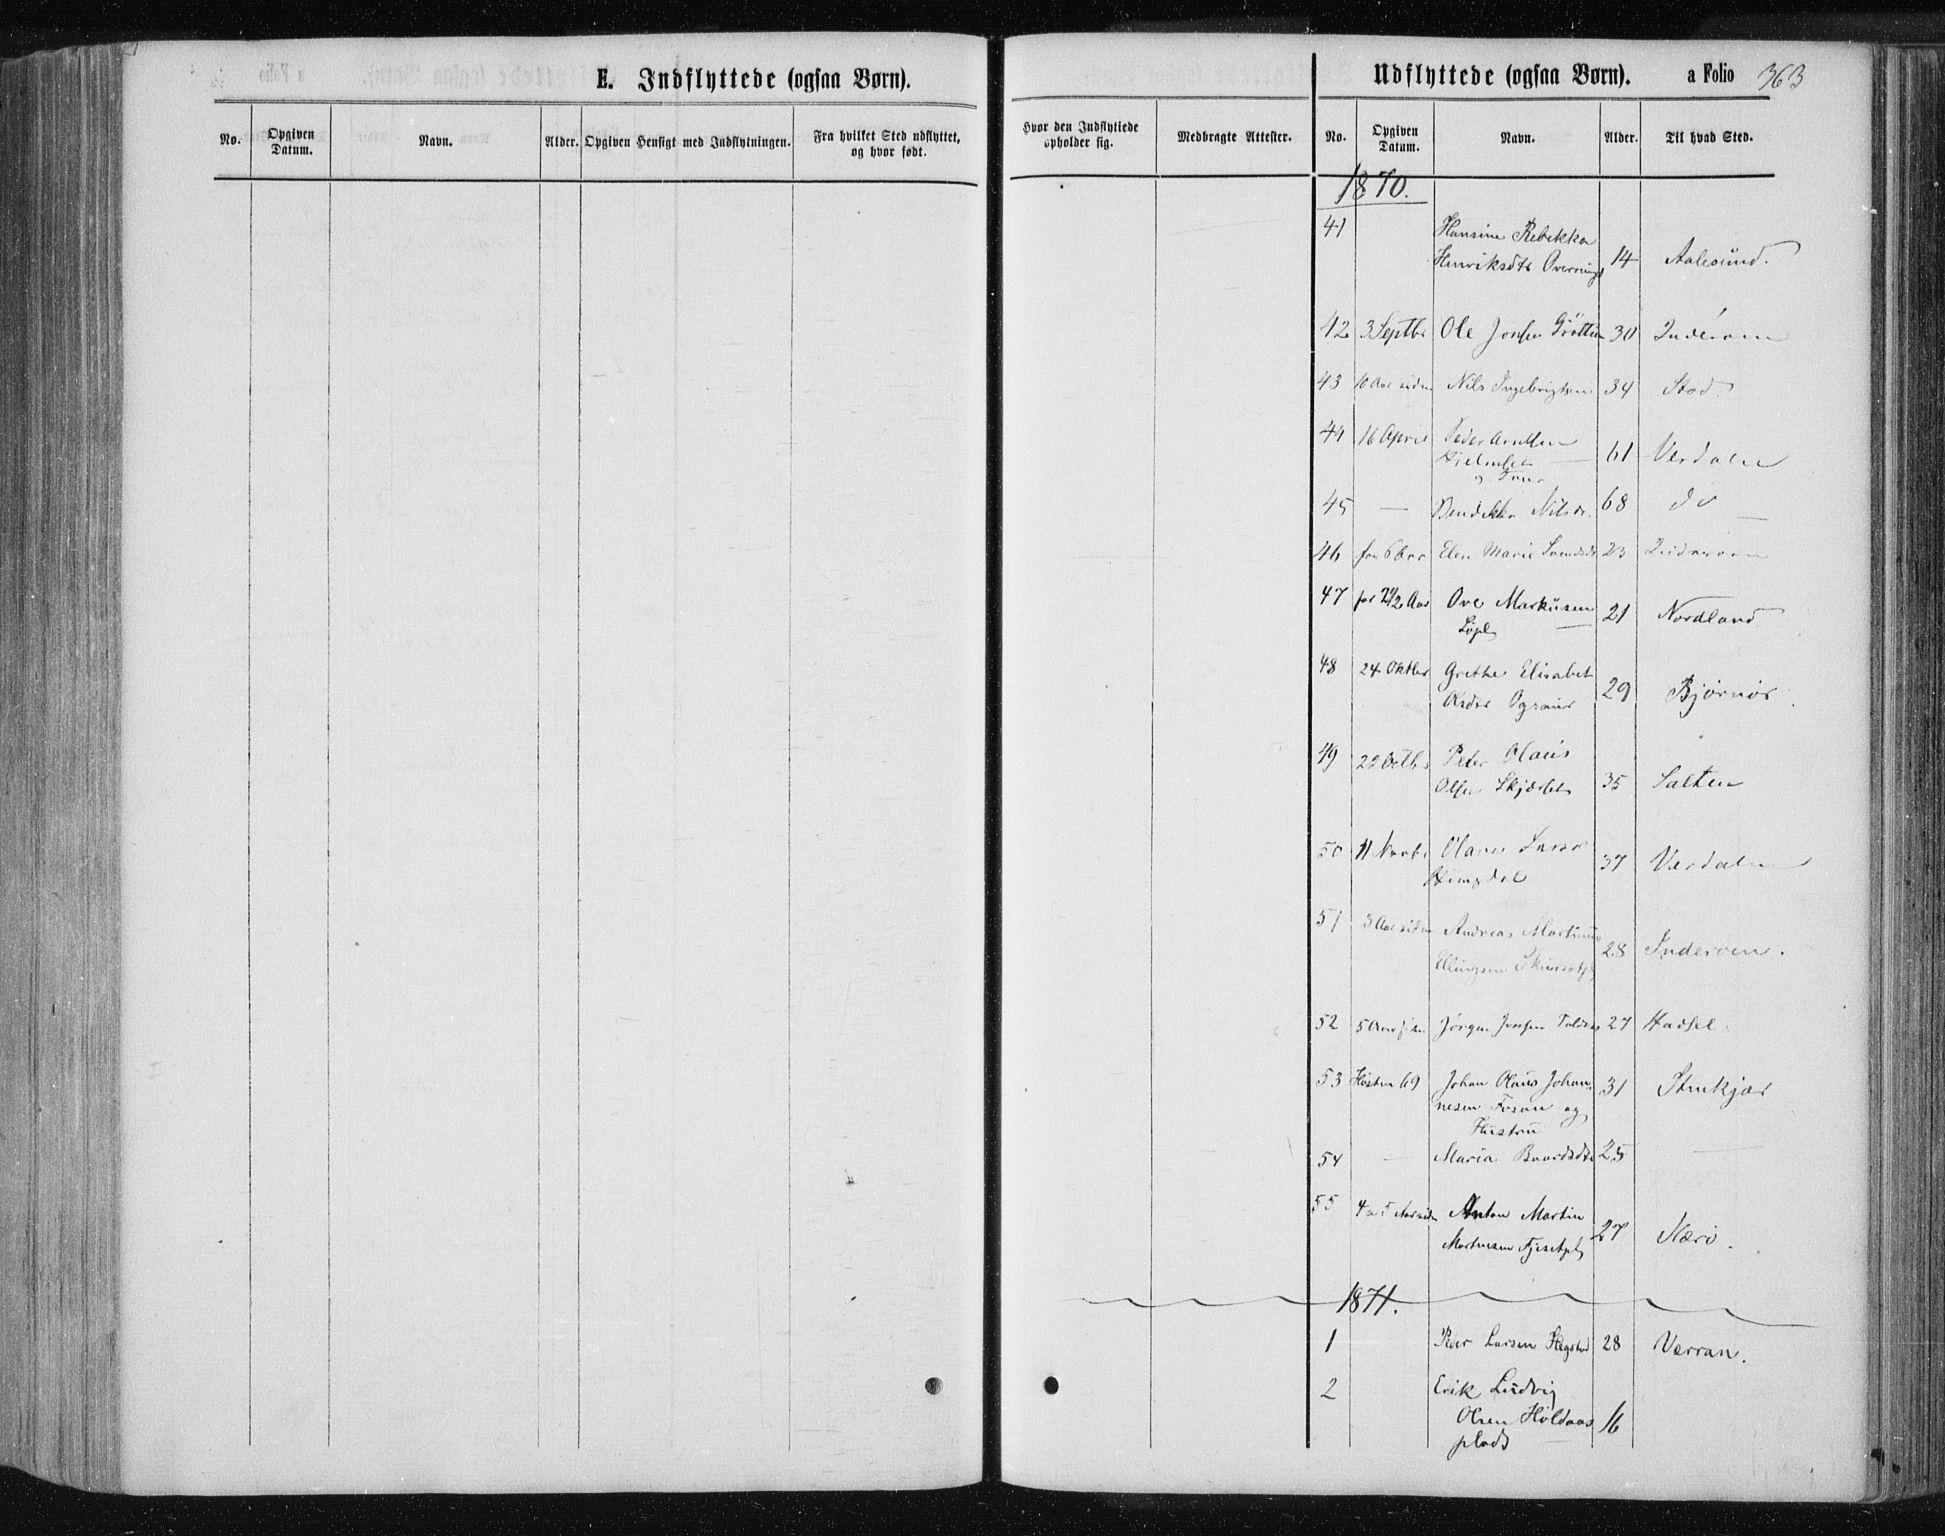 SAT, Ministerialprotokoller, klokkerbøker og fødselsregistre - Nord-Trøndelag, 735/L0345: Ministerialbok nr. 735A08 /1, 1863-1872, s. 363